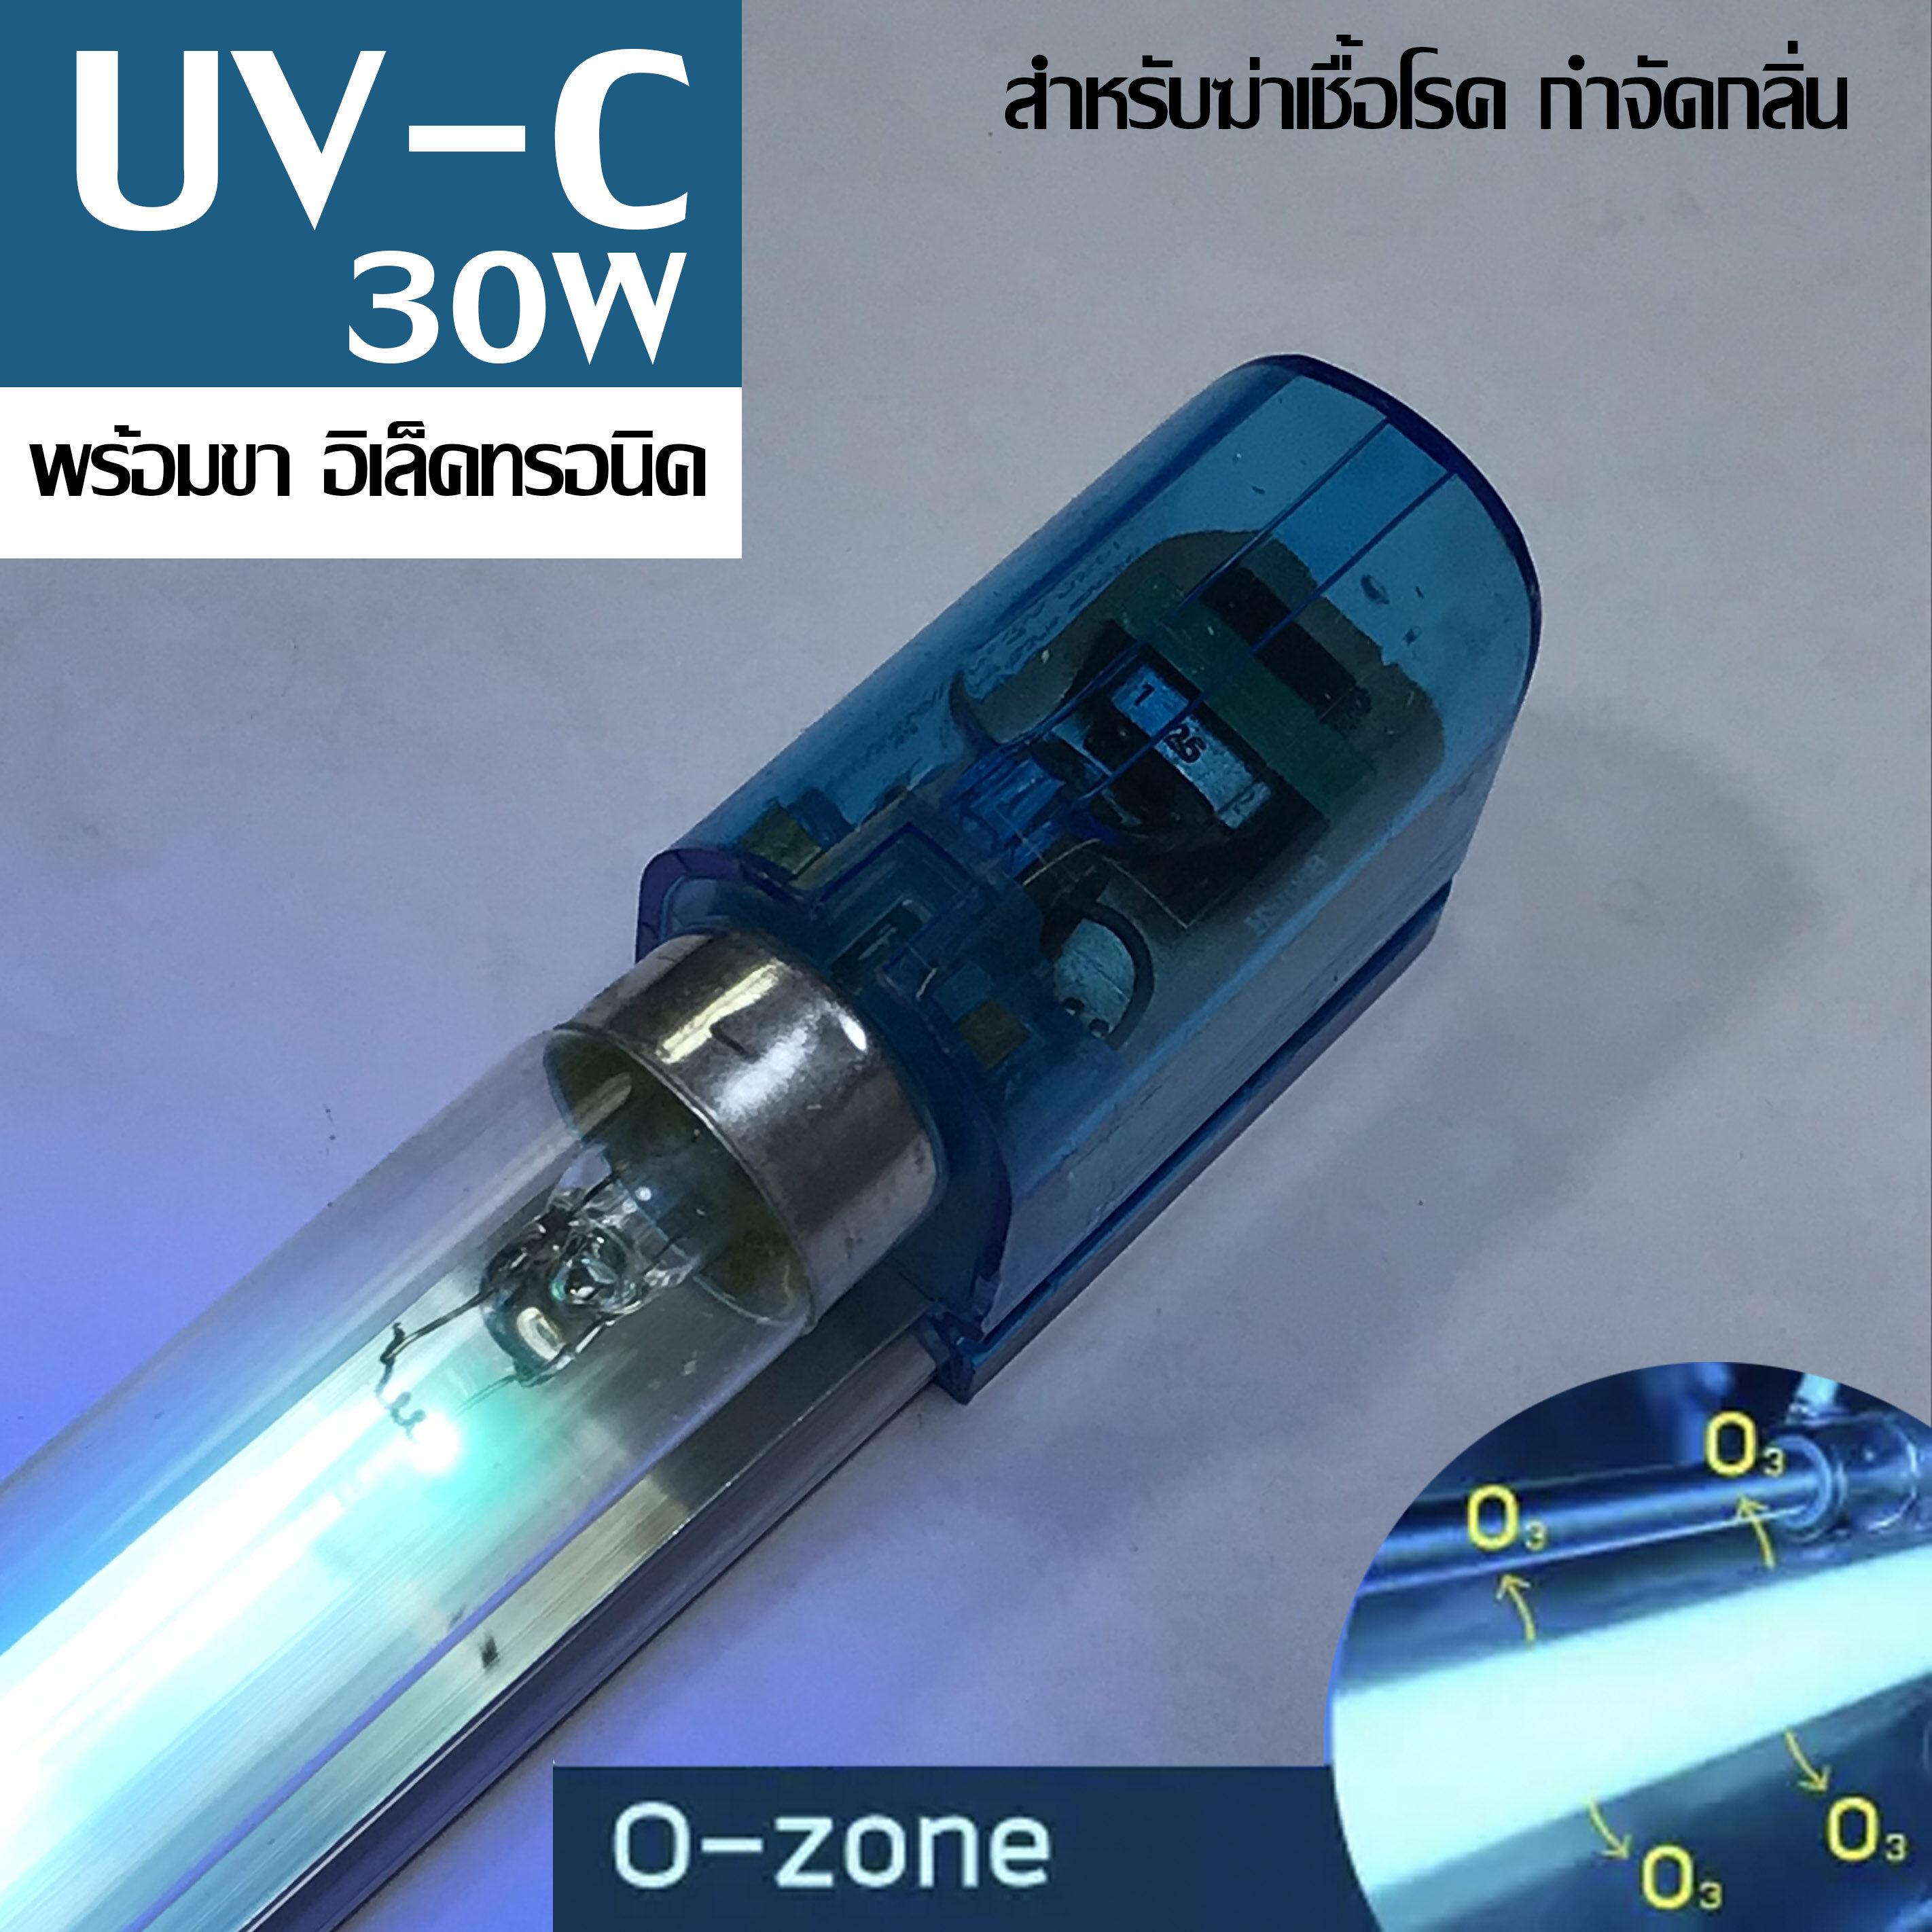 หลอดนีออน UVC 30W + ขาอิเล็คโทรนิค 30W